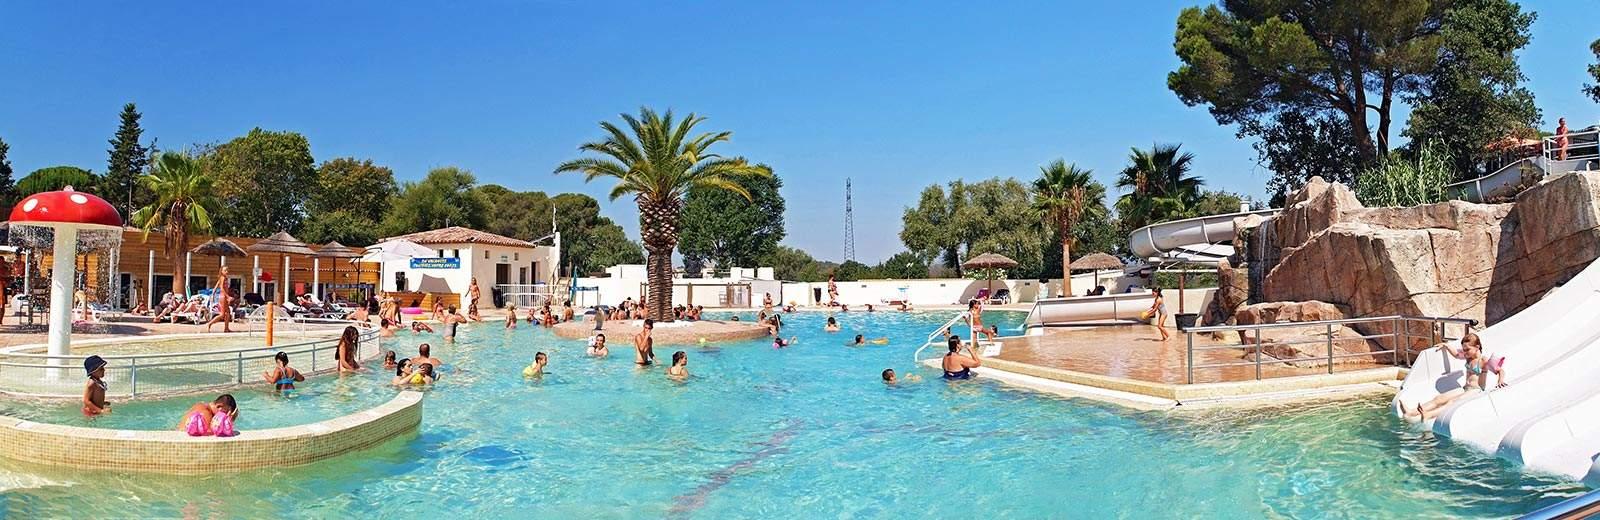 Avec un grand parc aquatique adapté aux enfants, le Site de Gorge Vent est idéal pour passer des vacances en famille